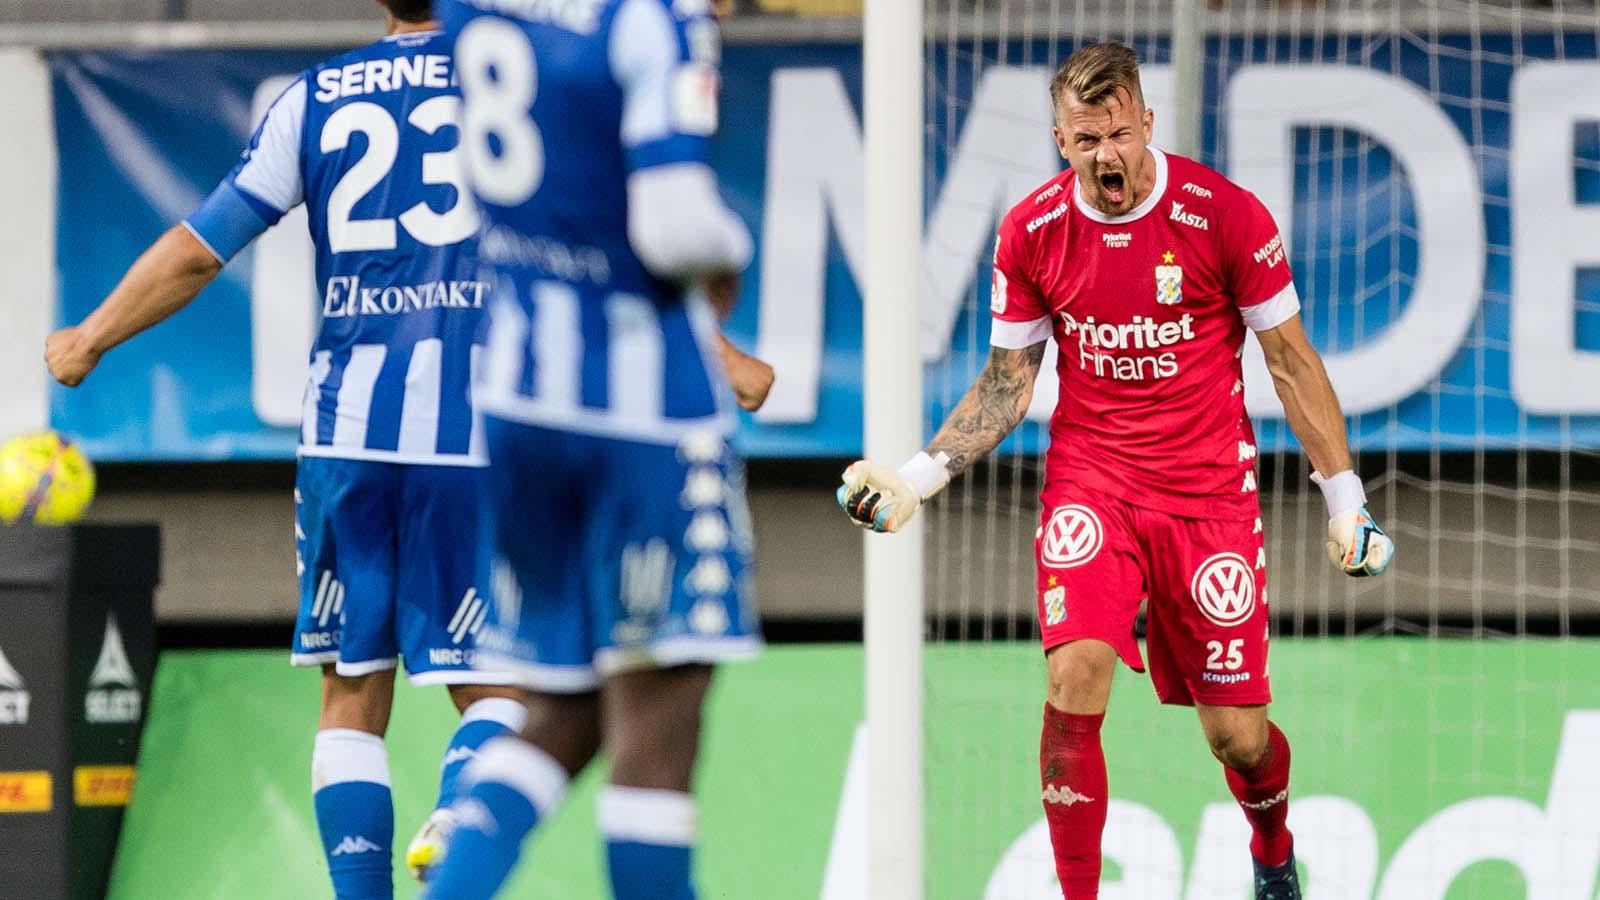 180714 IFK Göteborgs målvakt Erik Dahlin jublar efter fotbollsmatchen i Allsvenskan mellan IFK Göteborg och Örebro den 14 juli 2018 i Göteborg. Foto: Krister Andersson / BILDBYRÅN / Kod KA / Cop 147